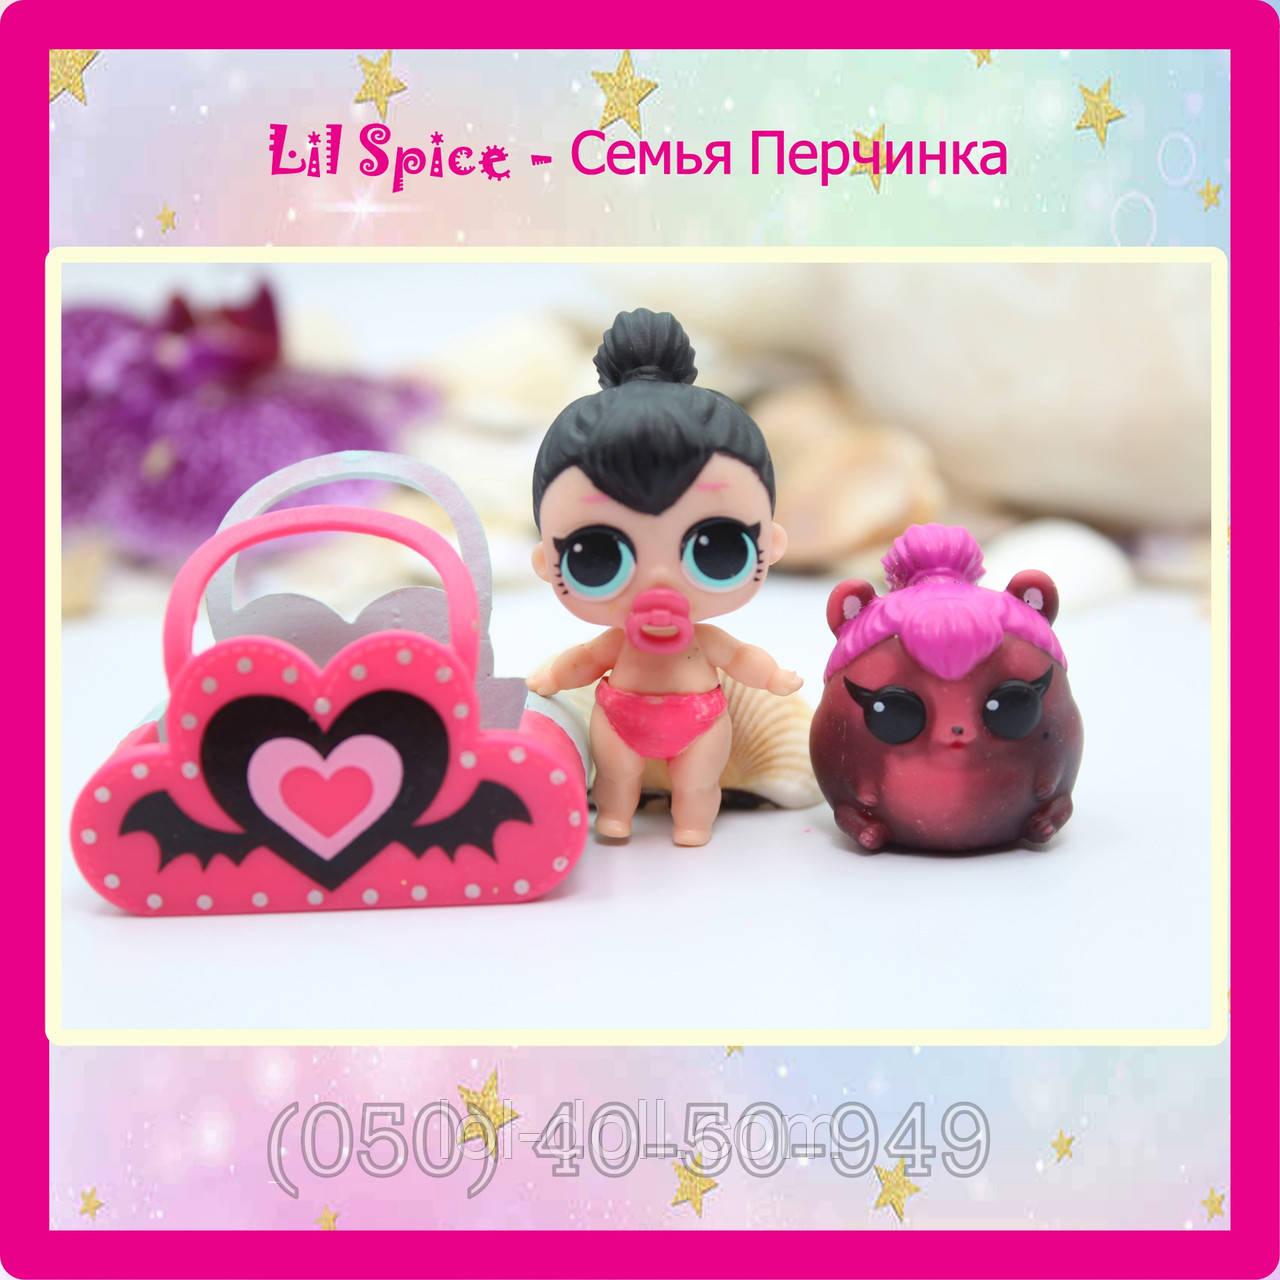 Семья Кукла LOL Surprise 2 Серия Lil Spice - Бейби Перчинка Лол Сюрприз Оригинал